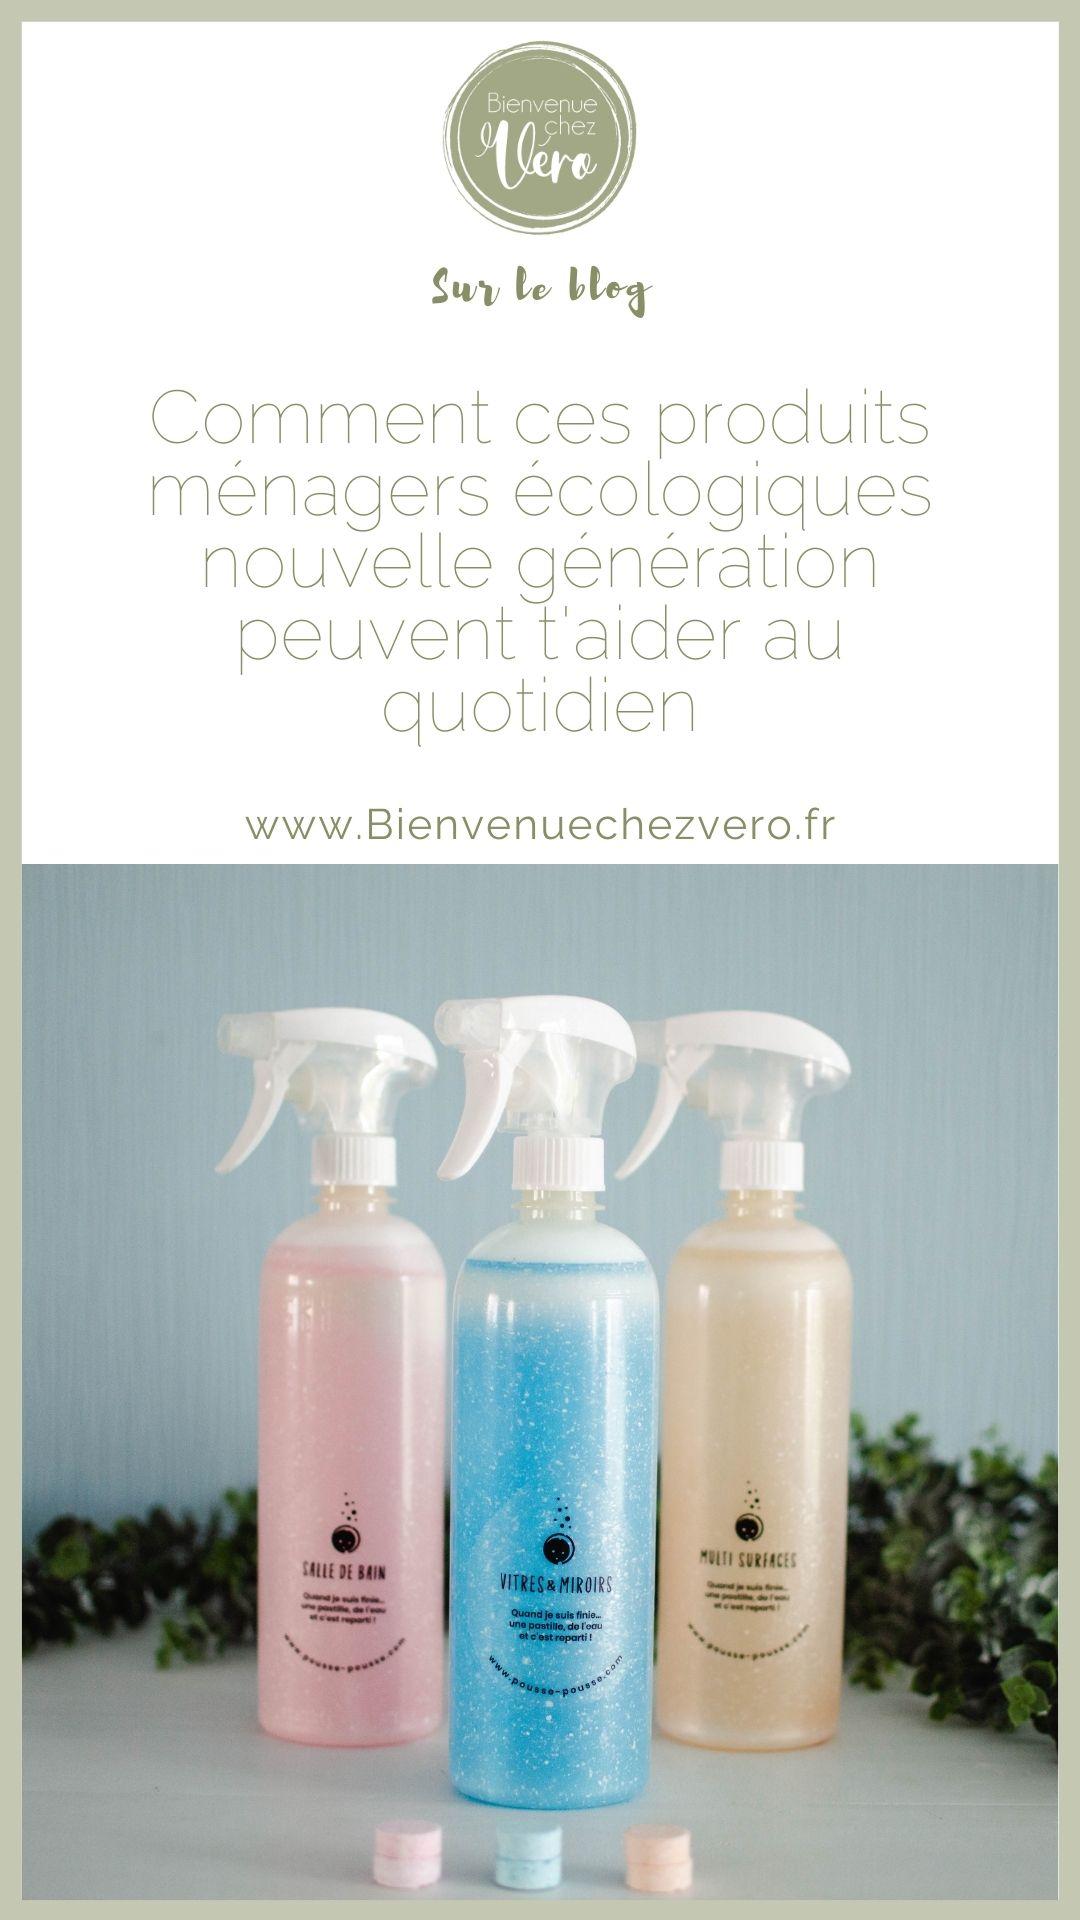 Des produits d'entretien écologique nouvelles générations arrivent sur le marché